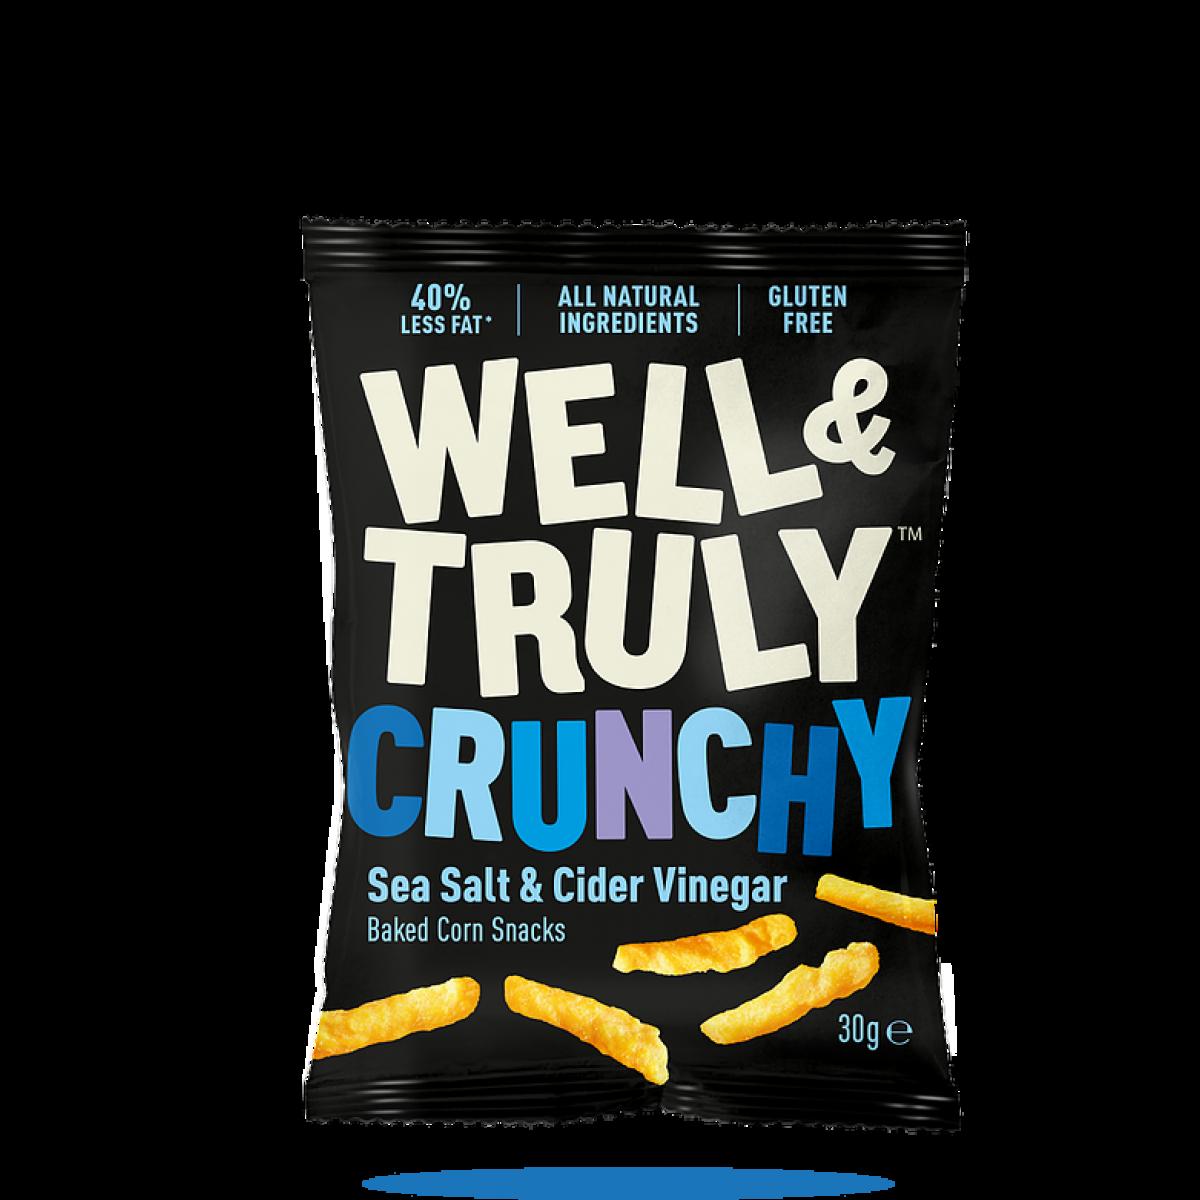 Corn Snacks Crunchy Sea Salt & Cider Vinegar